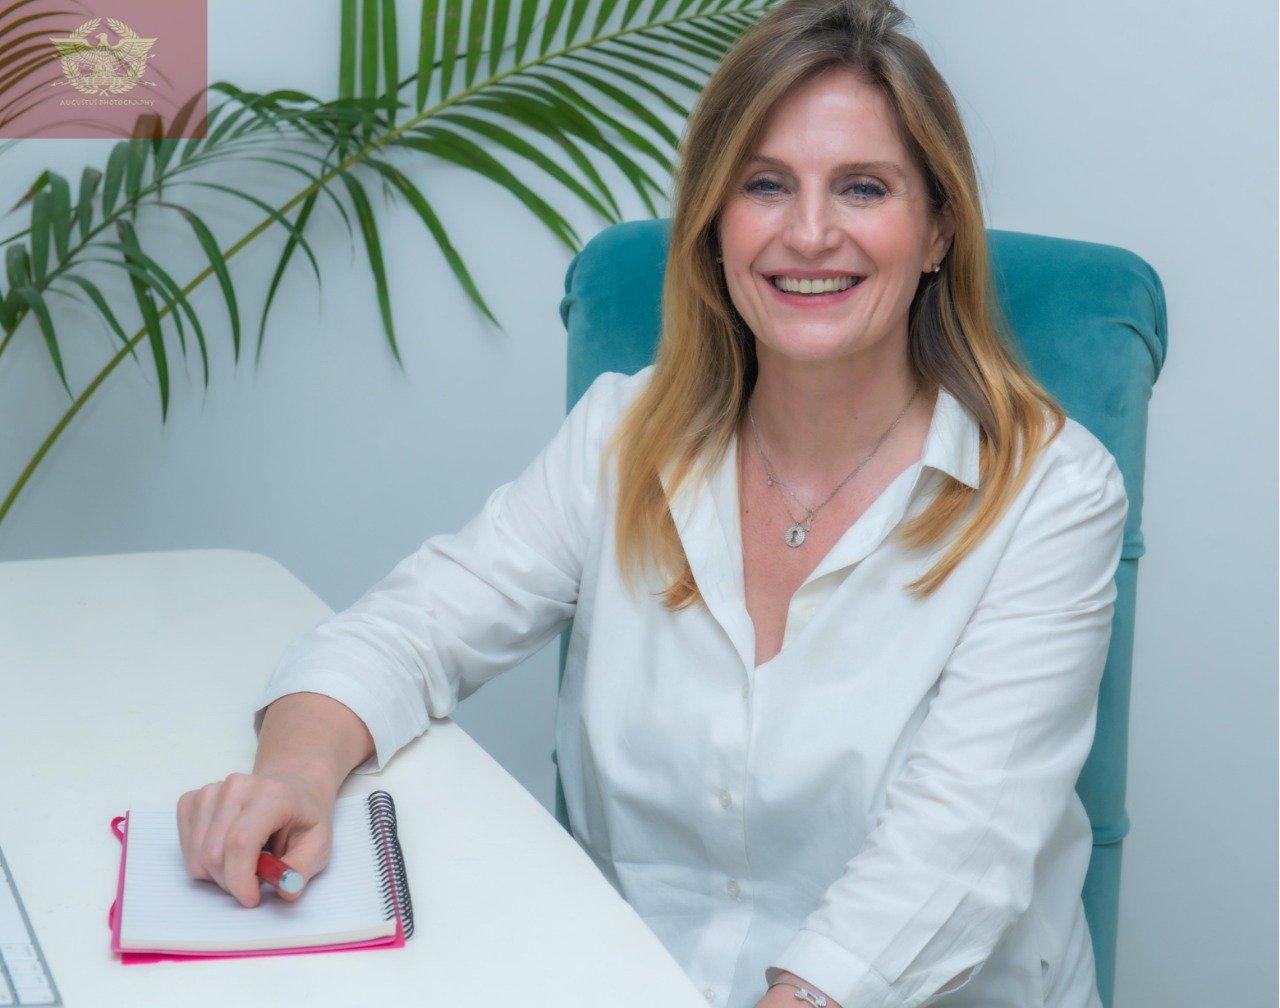 Ms. Mariella Zanoletti